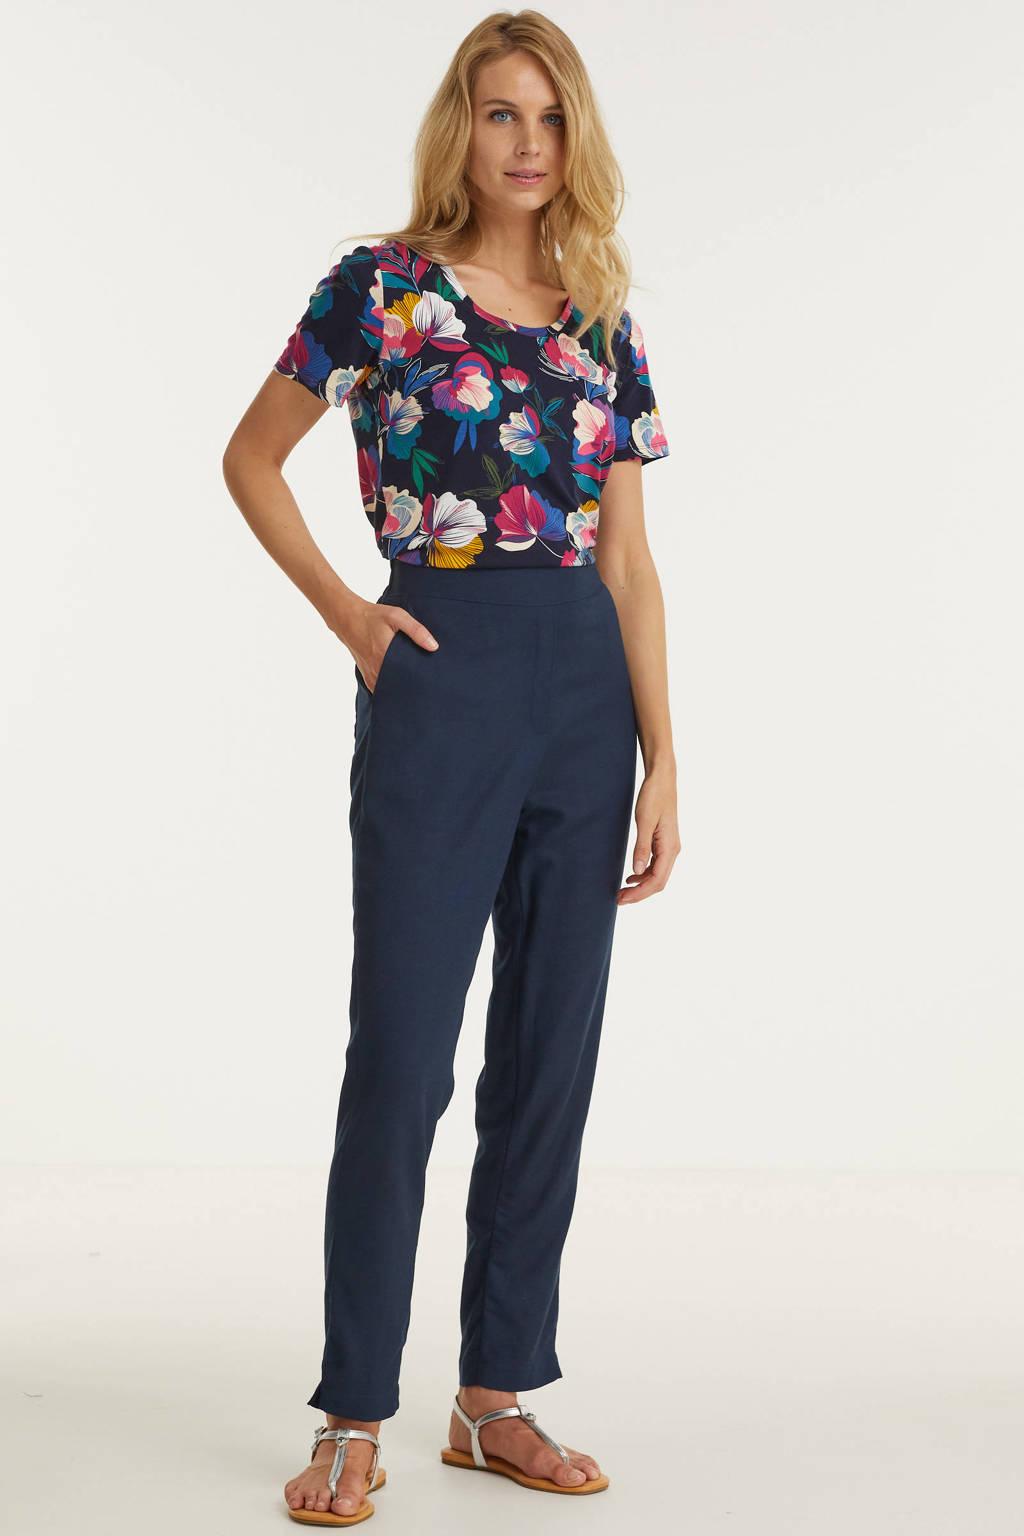 Imagine broek in linnenmix donkerblauw, Navy